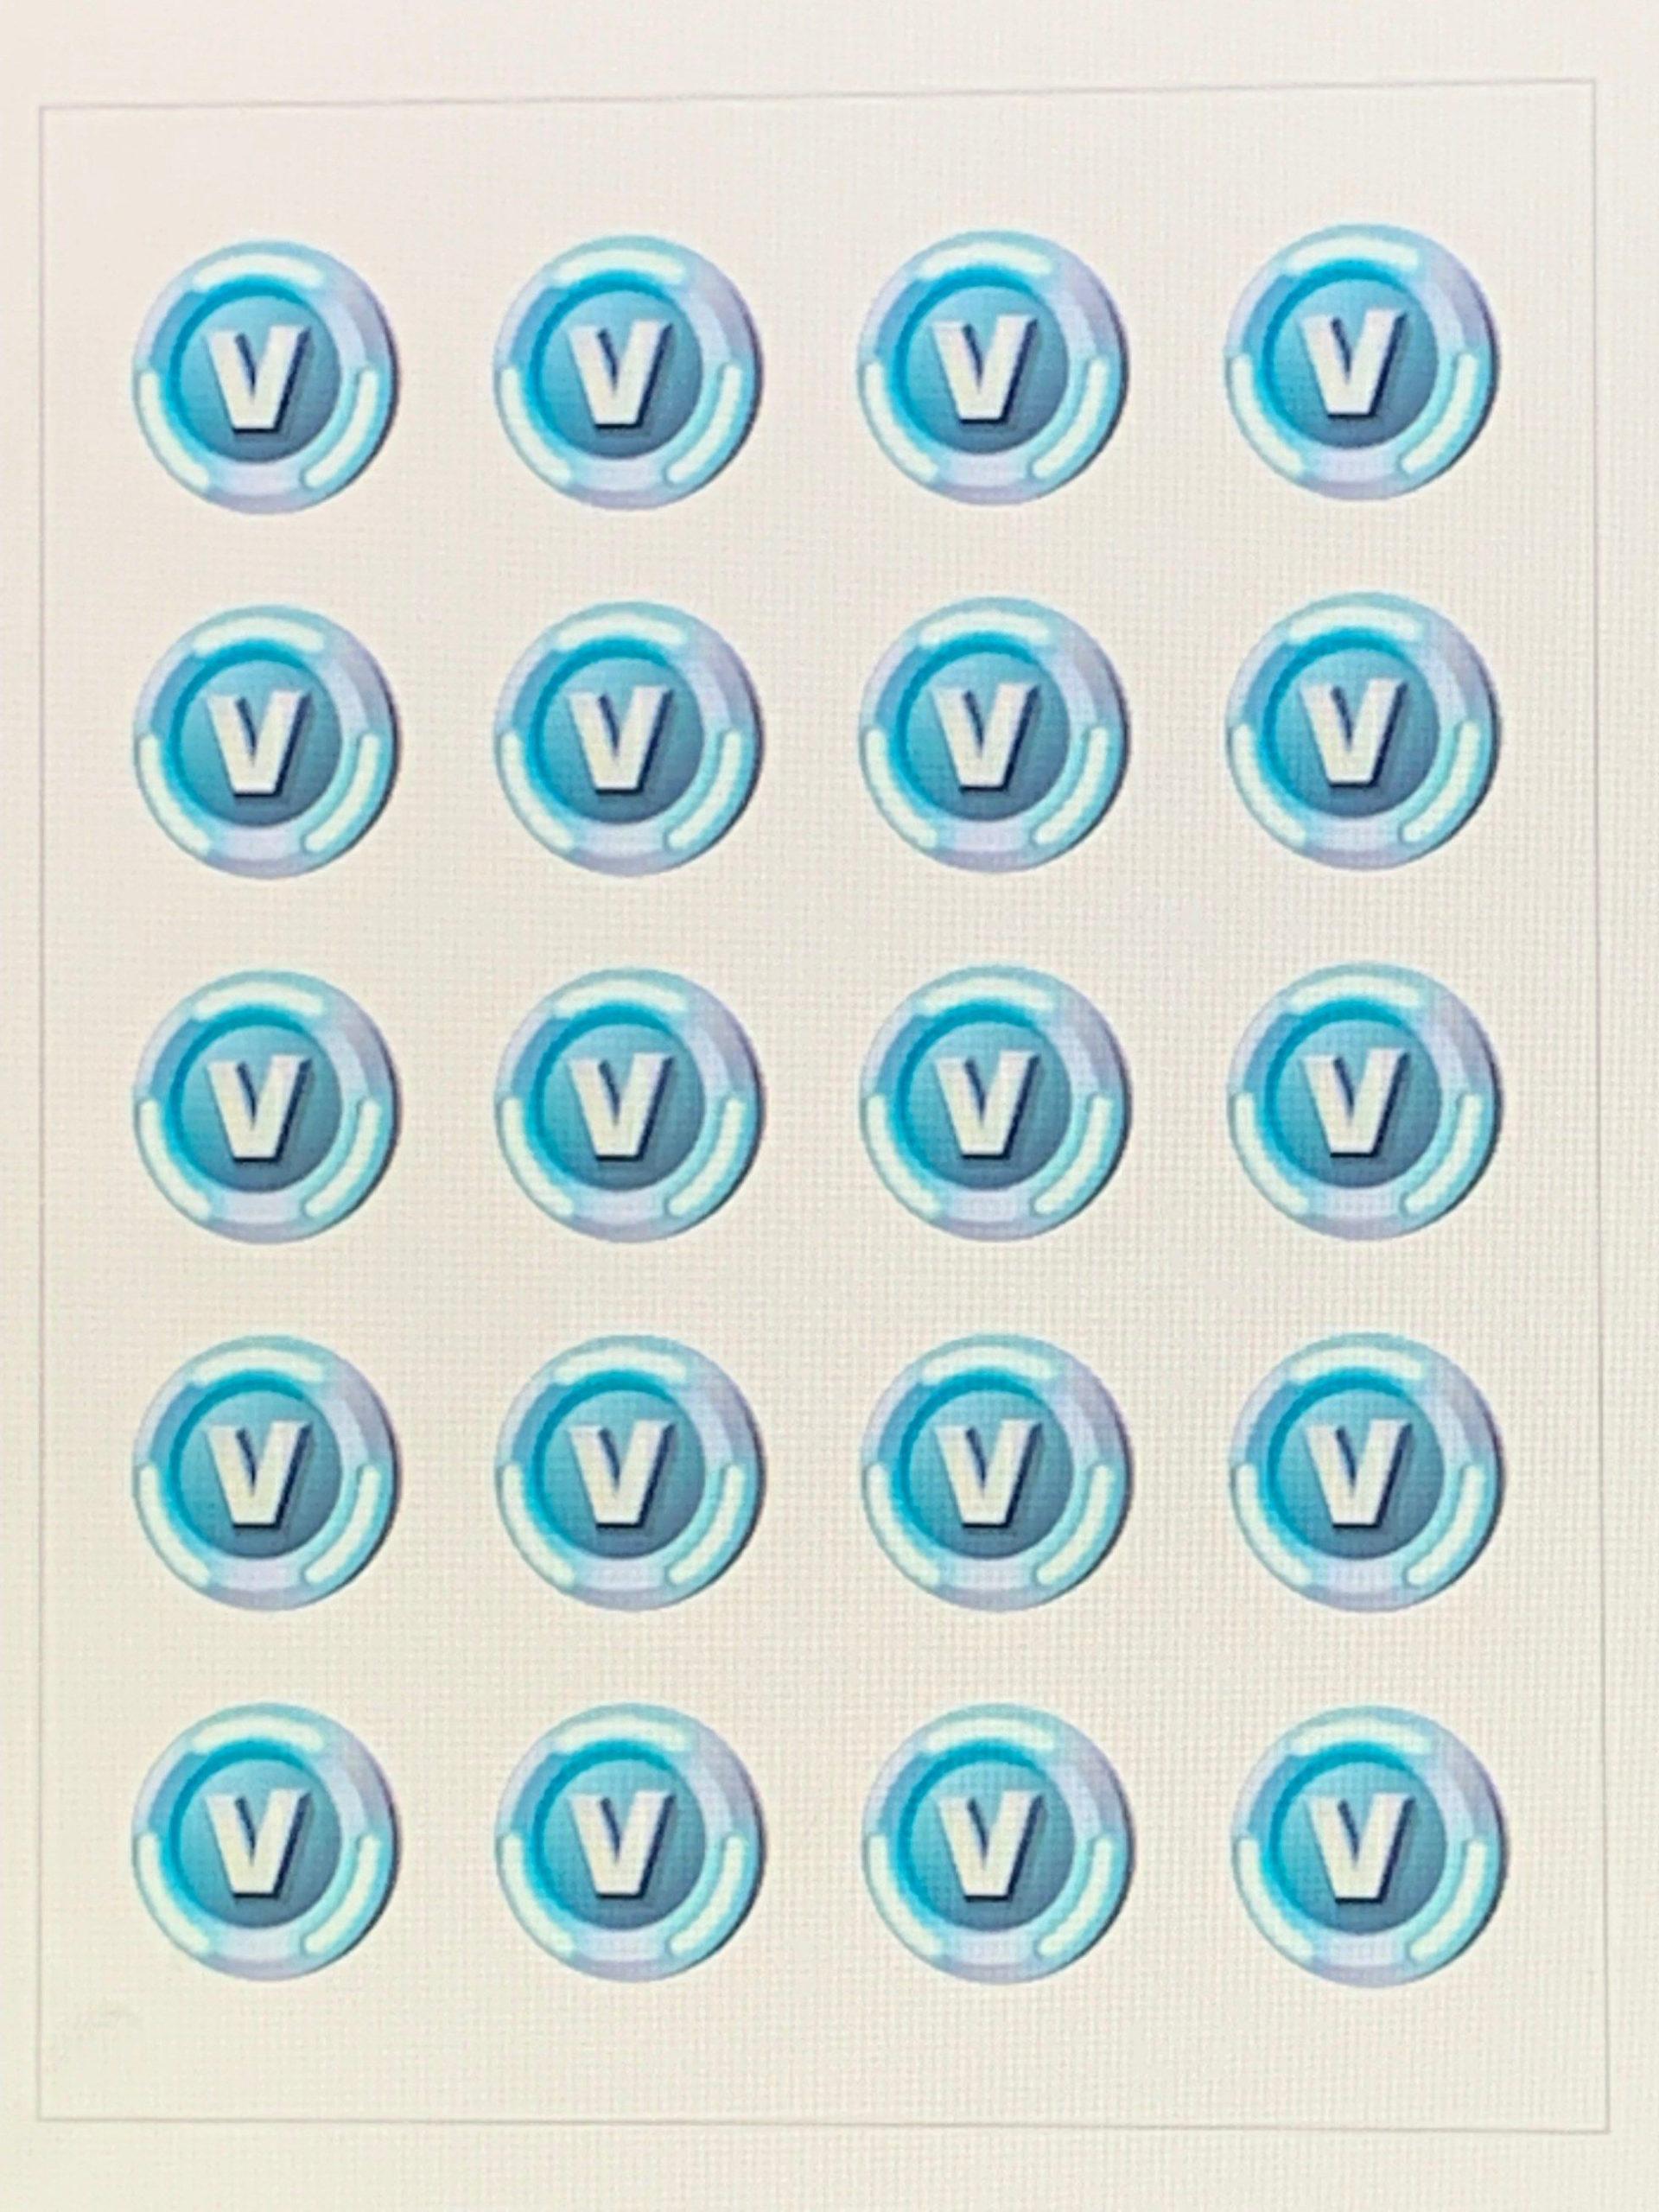 Free V Bucks Printable For Chocolate Coins